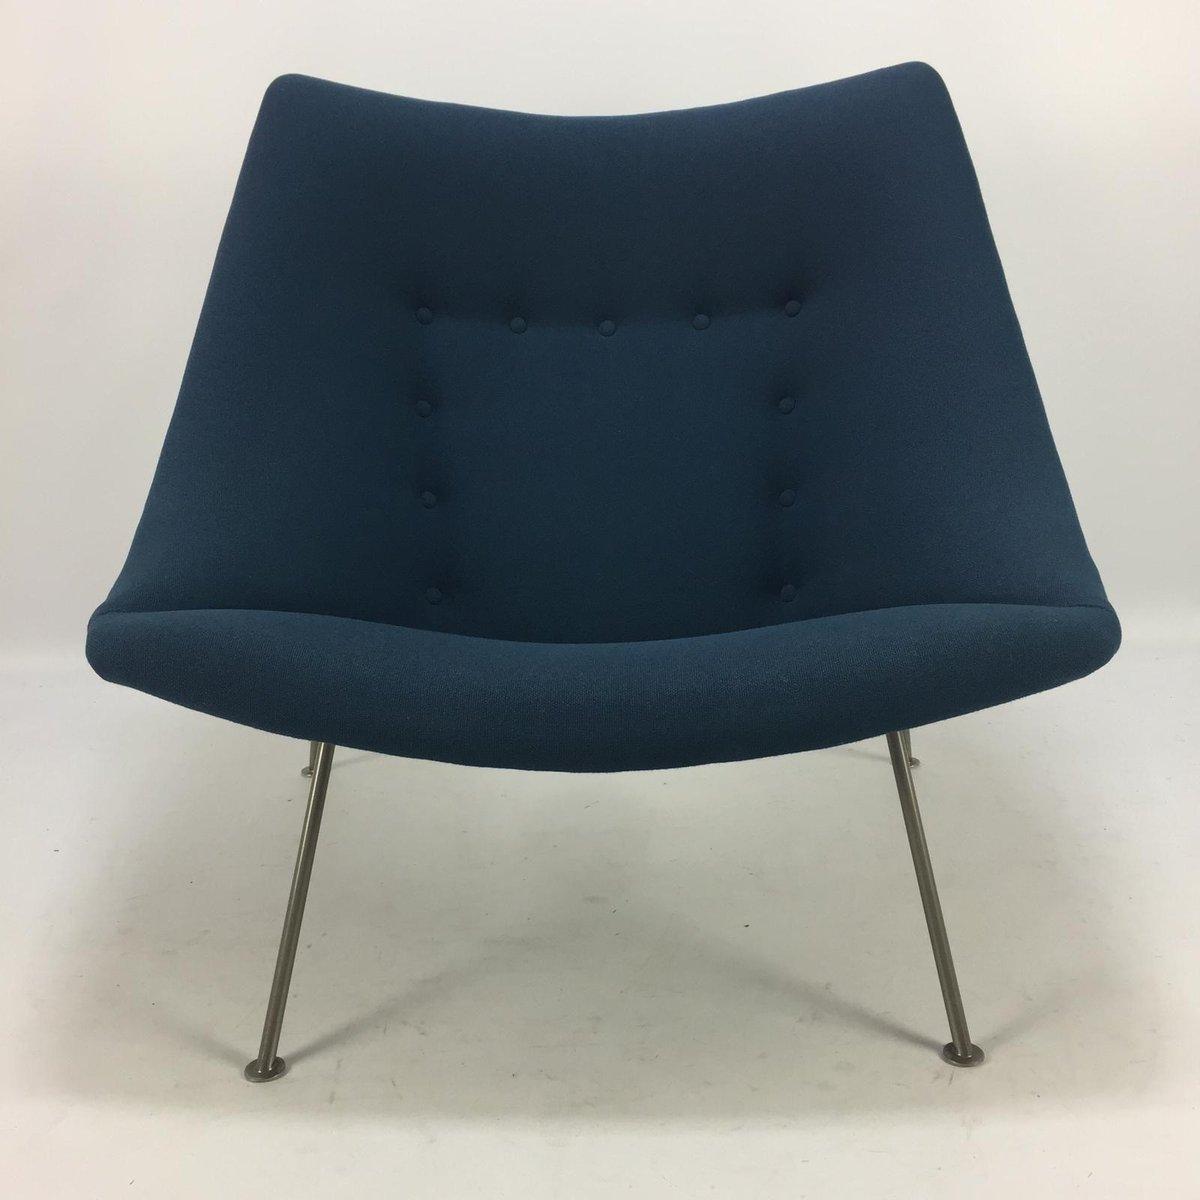 Vintage Oyster Chair von Pierre Paulin für Artifort, 1965